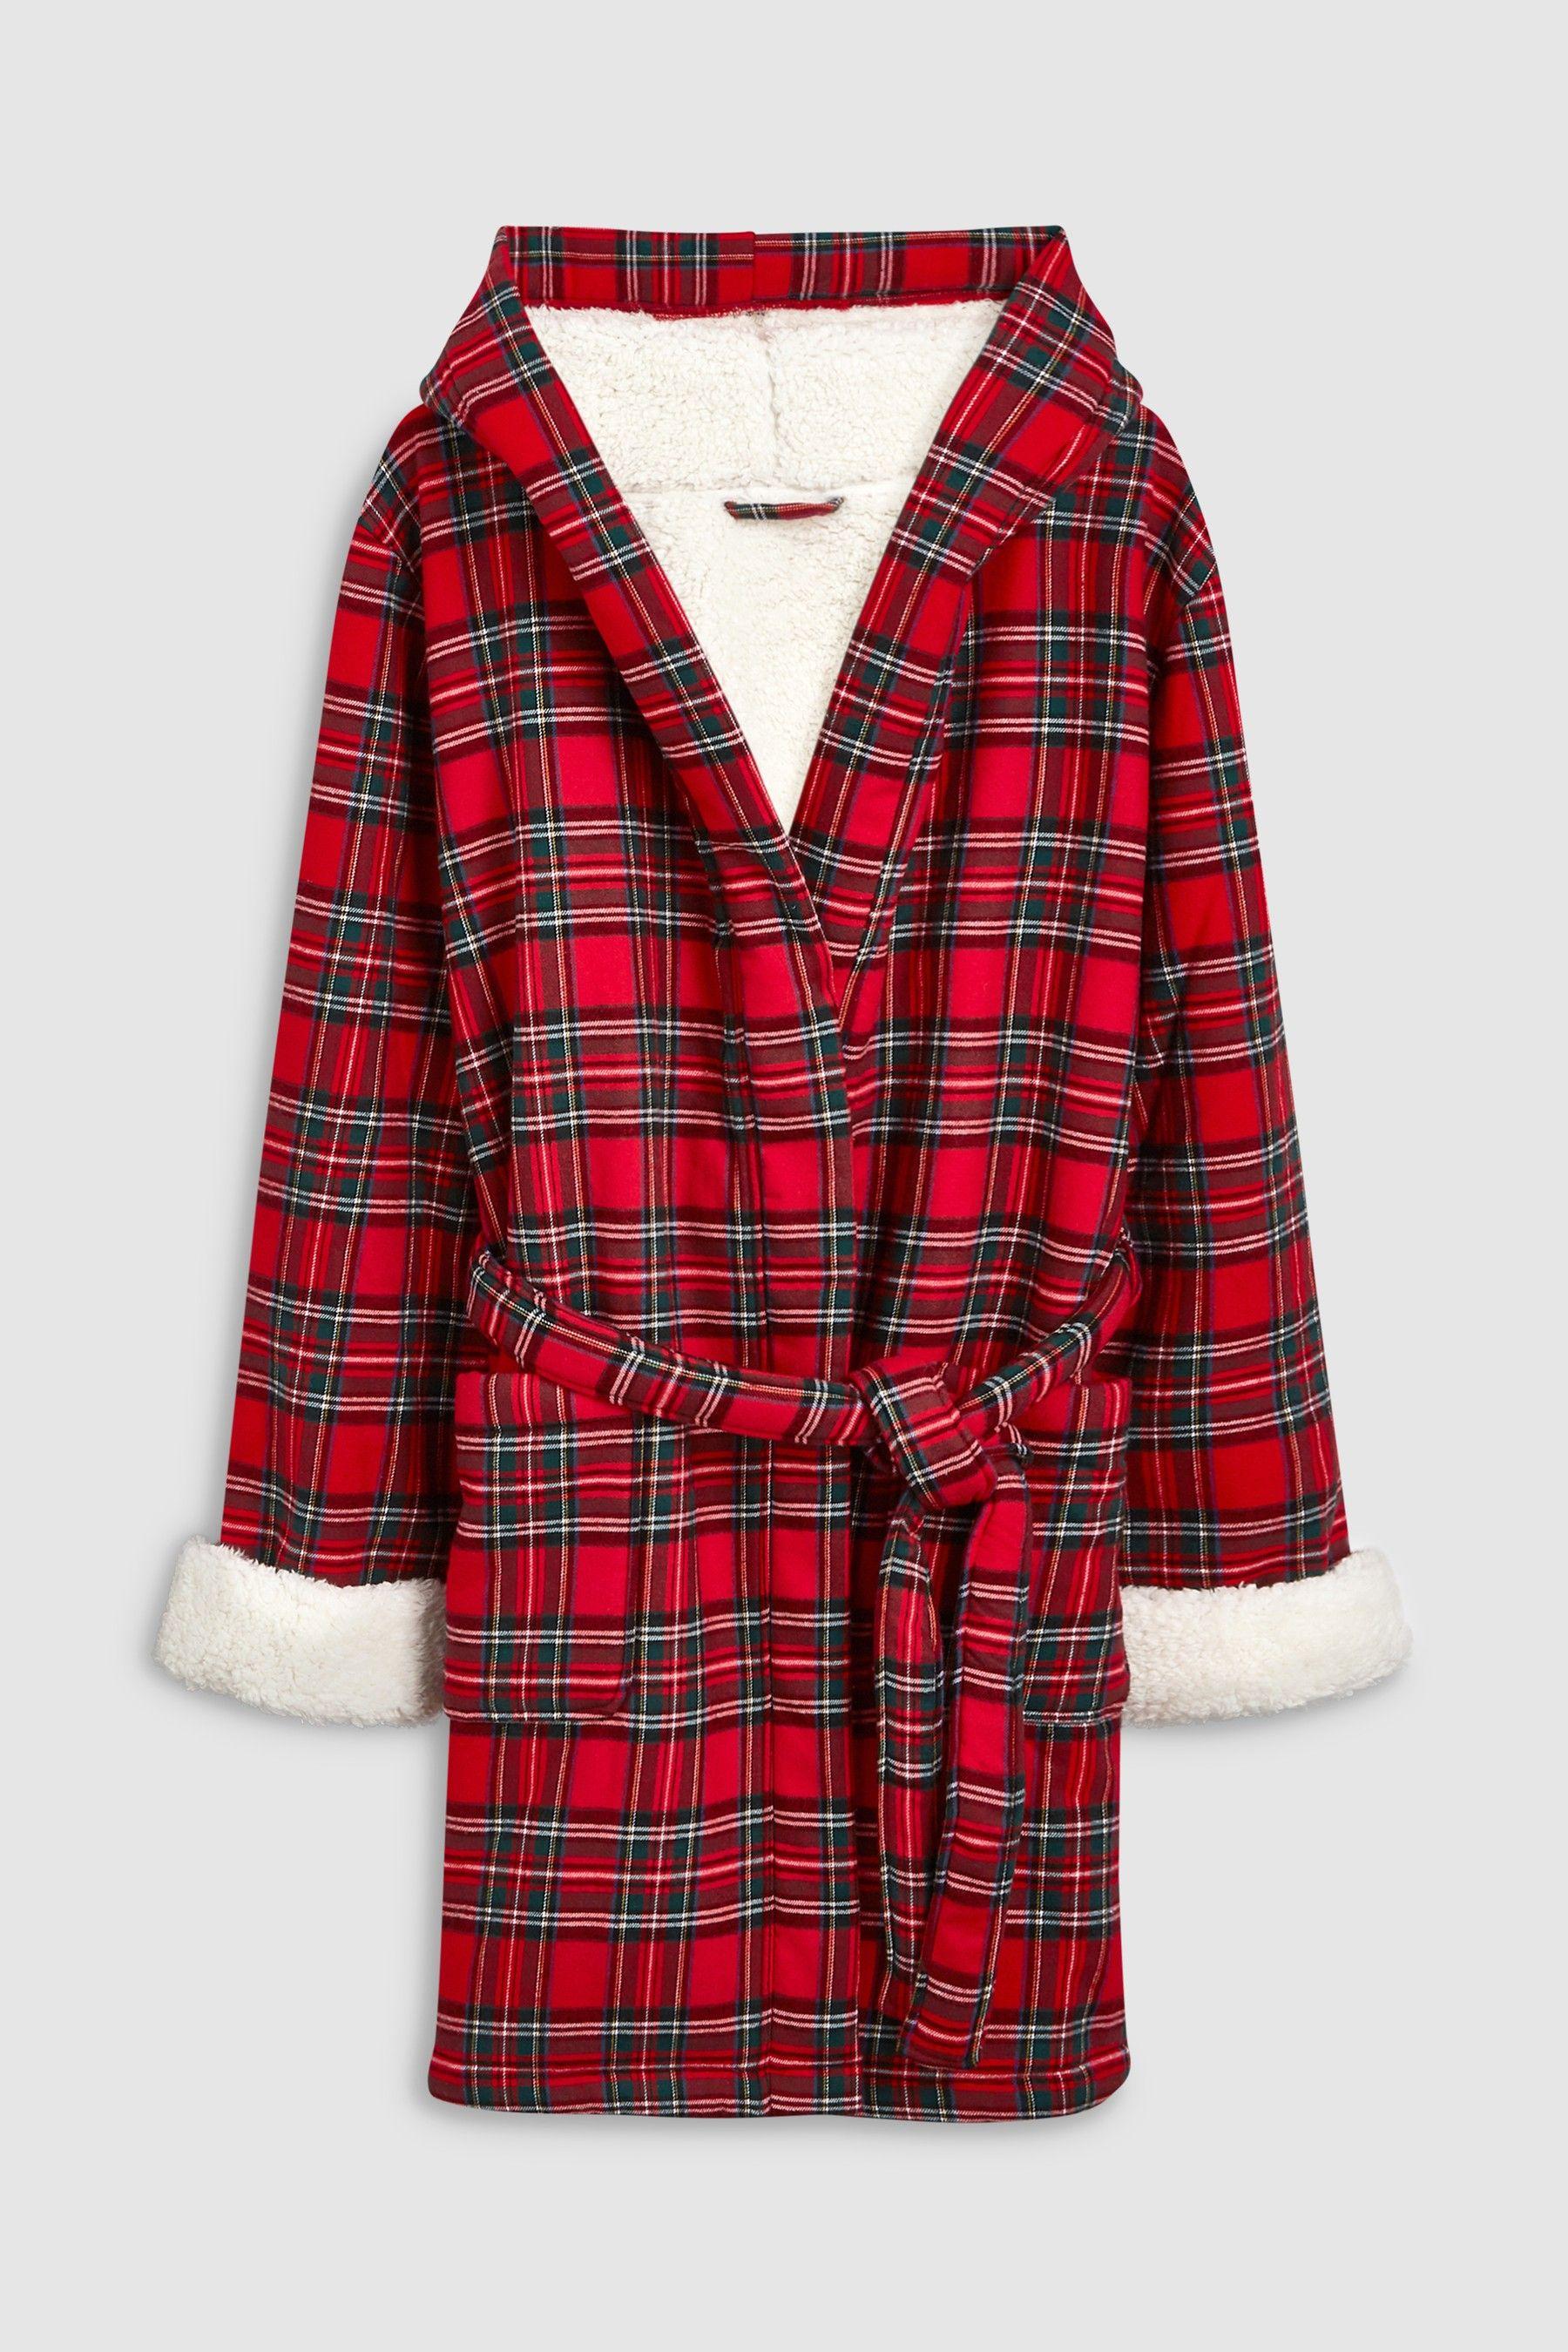 732650c8f63219 Womens Next Red Tartan Robe - Red | Products | Plaid, Mens tops, Tartan